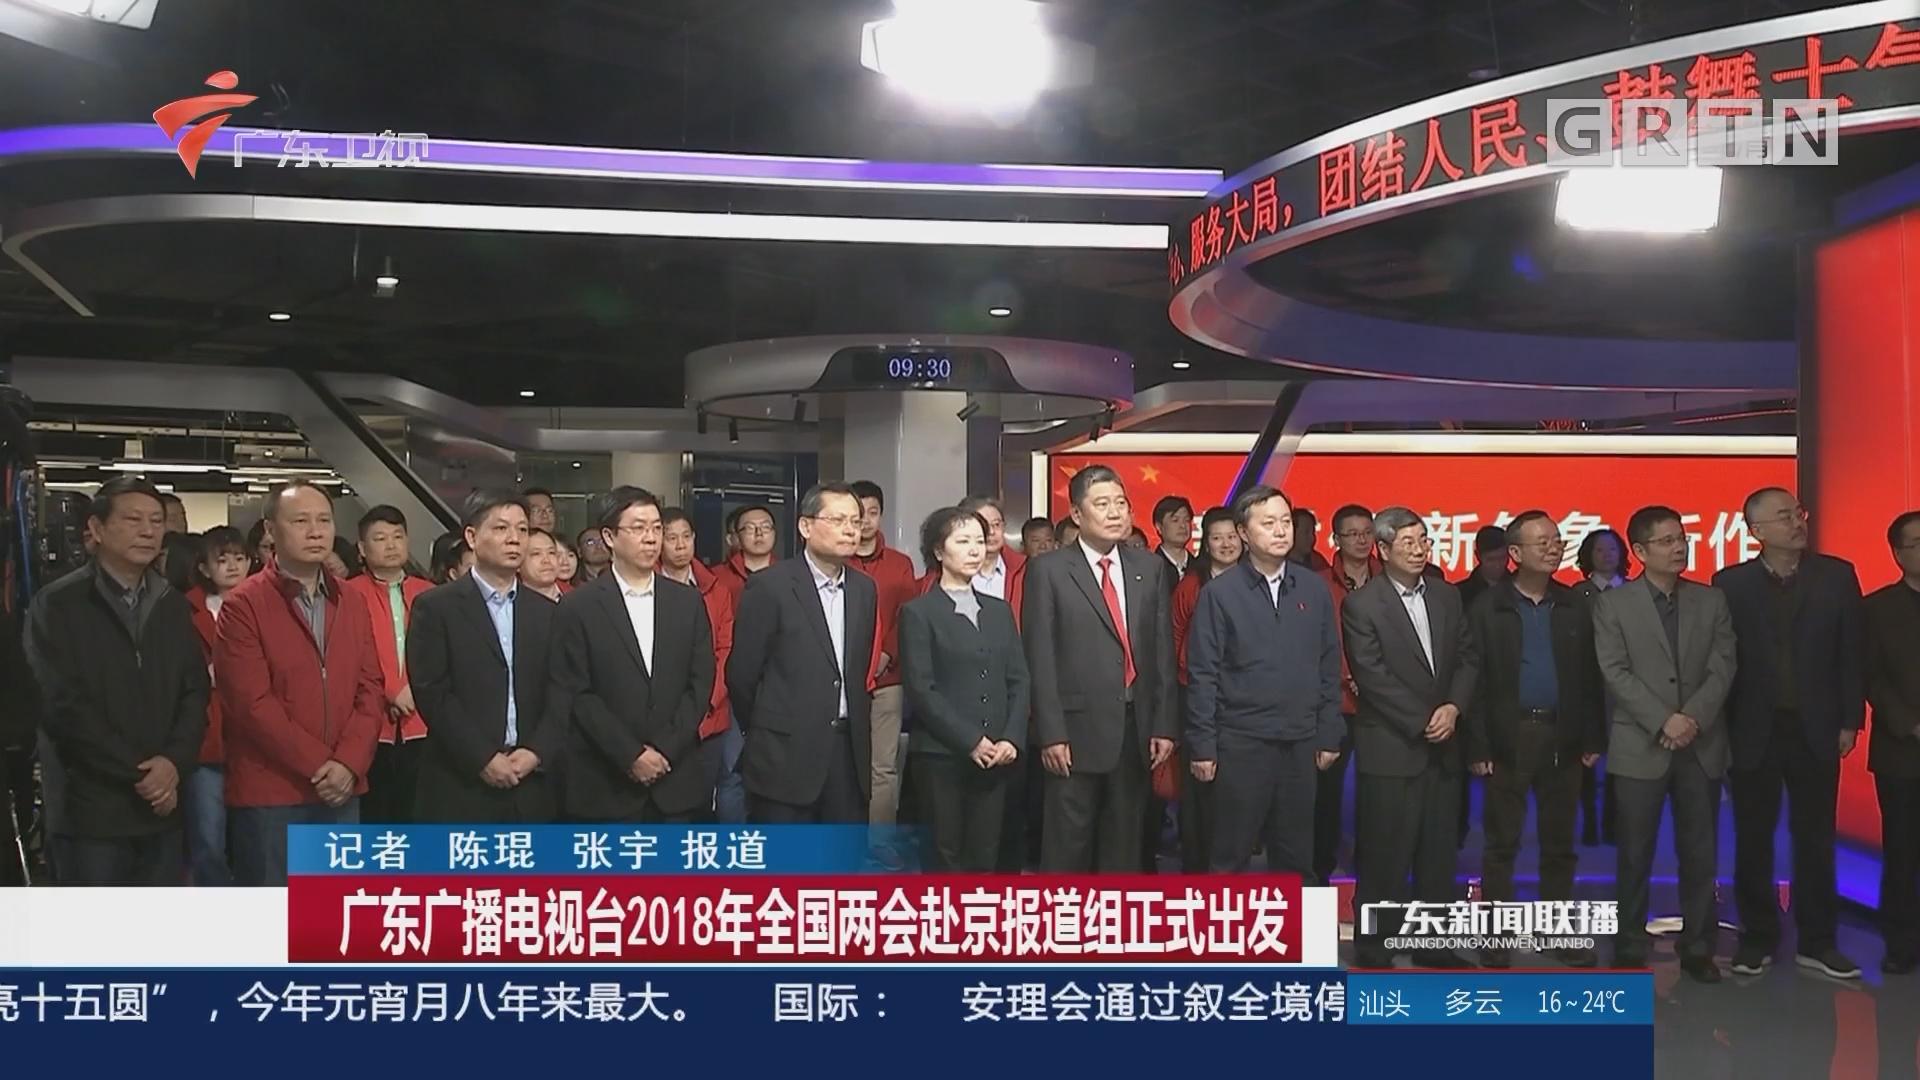 广东广播电视台2018年全国两会赴京报道组正式出发